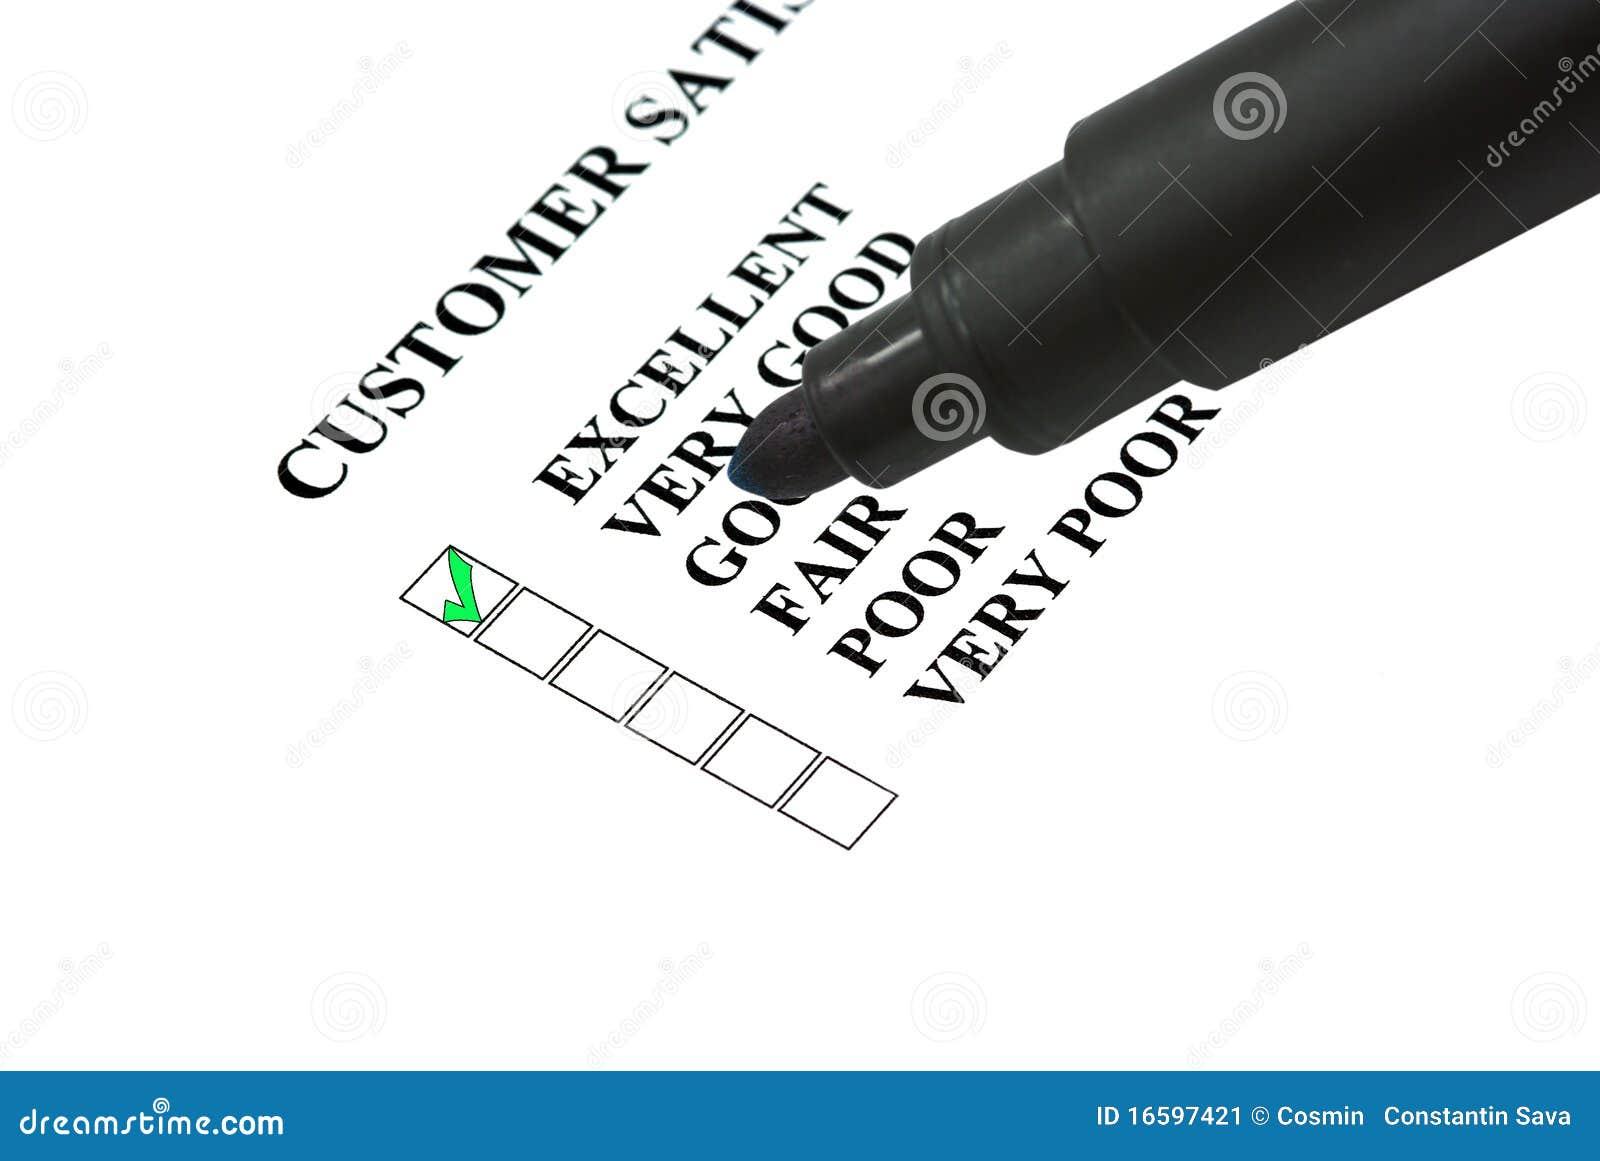 formulario llenar: